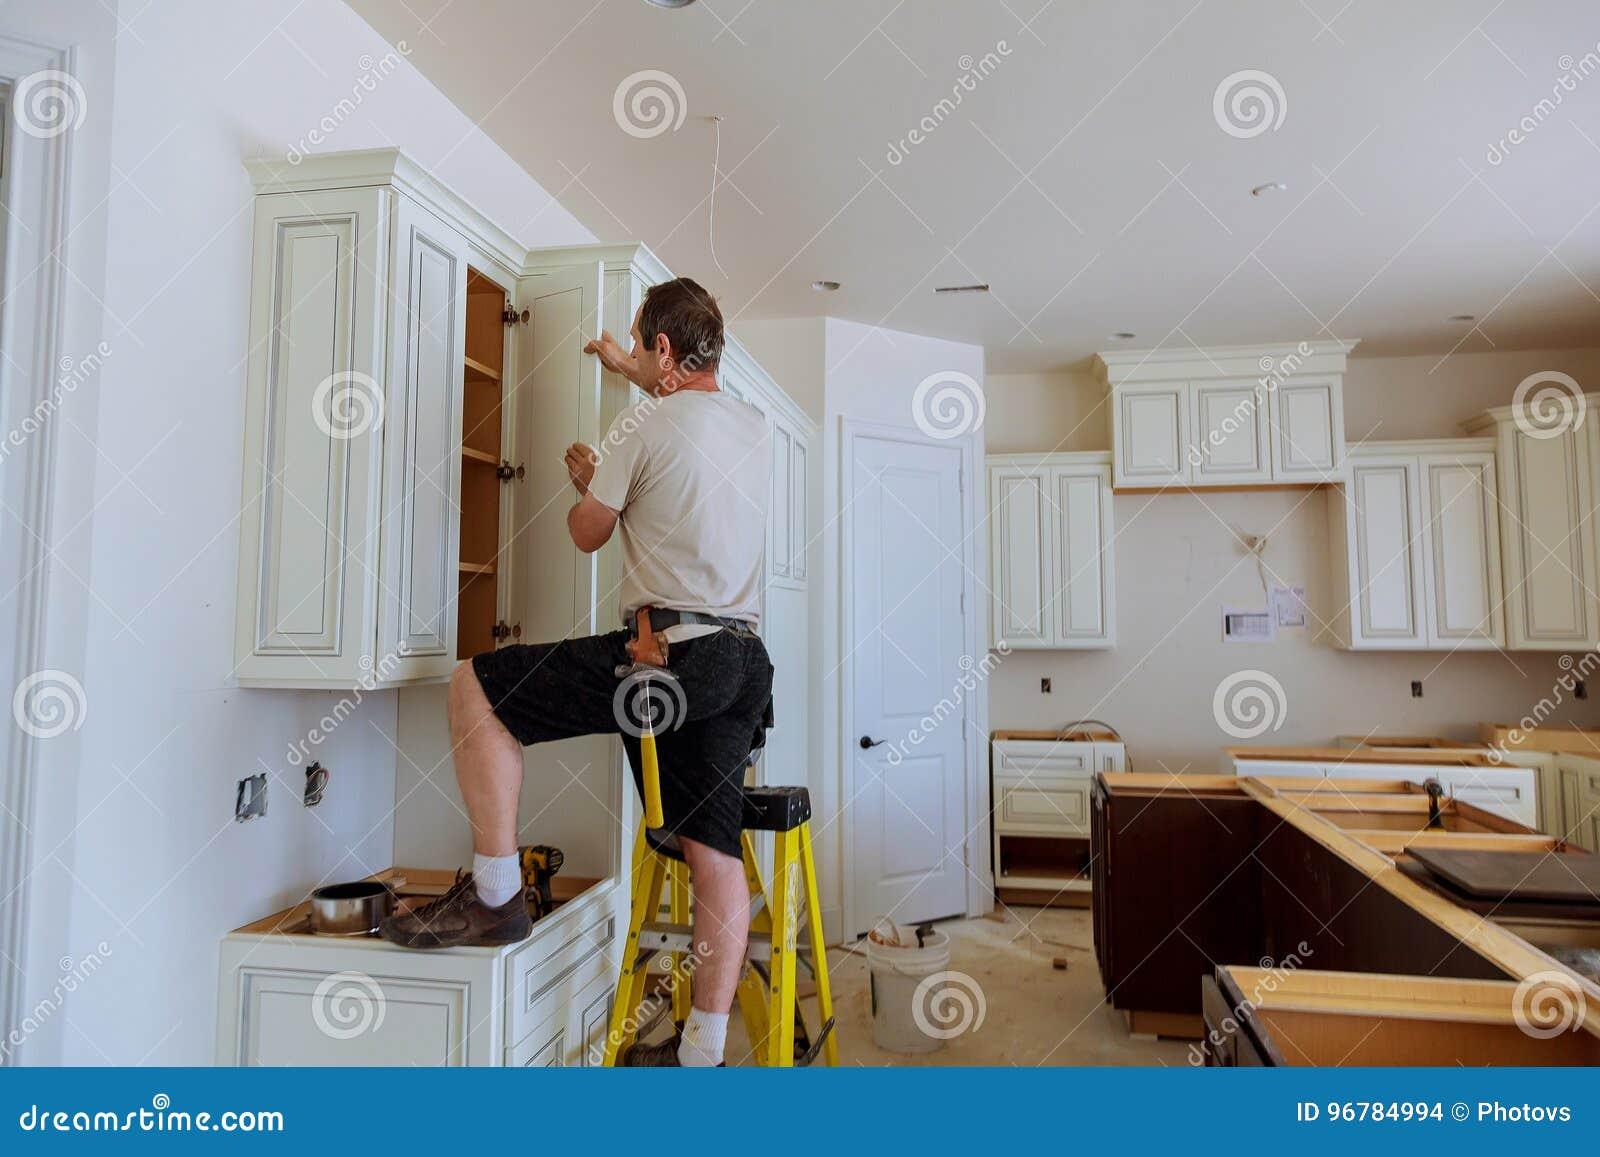 Installation Of Kitchen. Worker Installs Doors To Kitchen ...